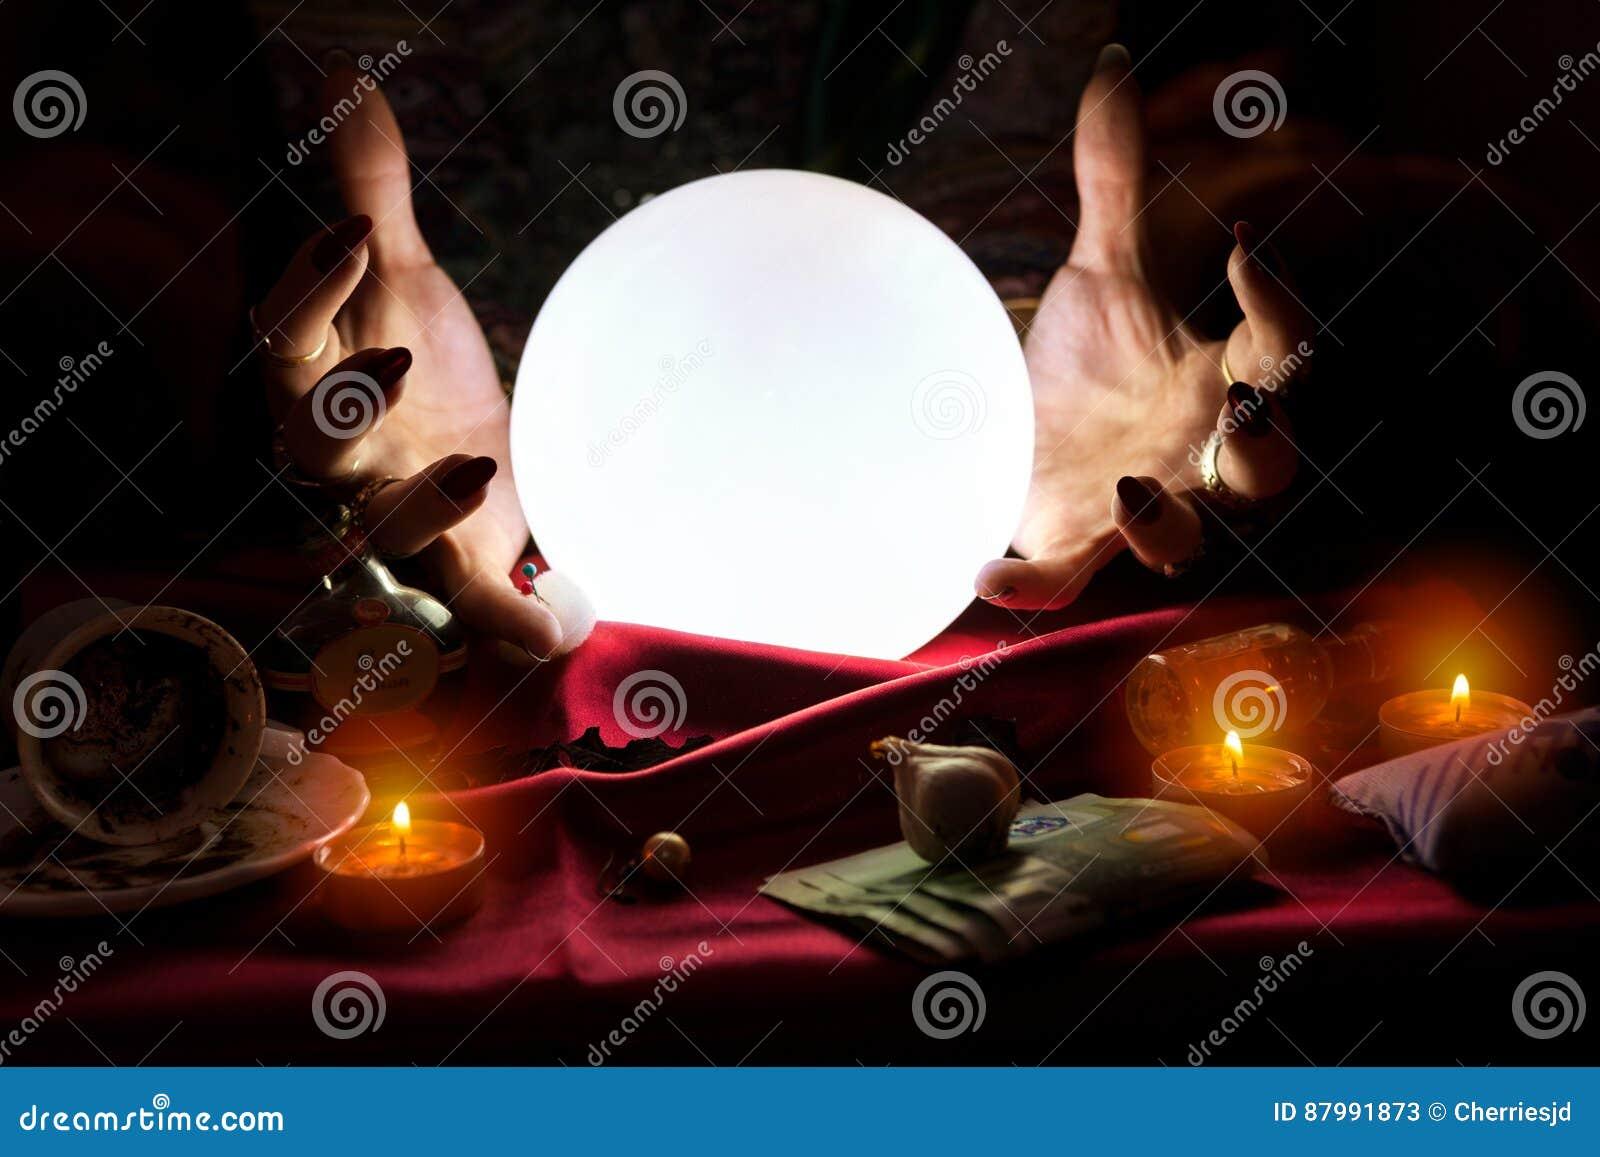 Mãos do caixa de fortuna com bola de cristal no meio